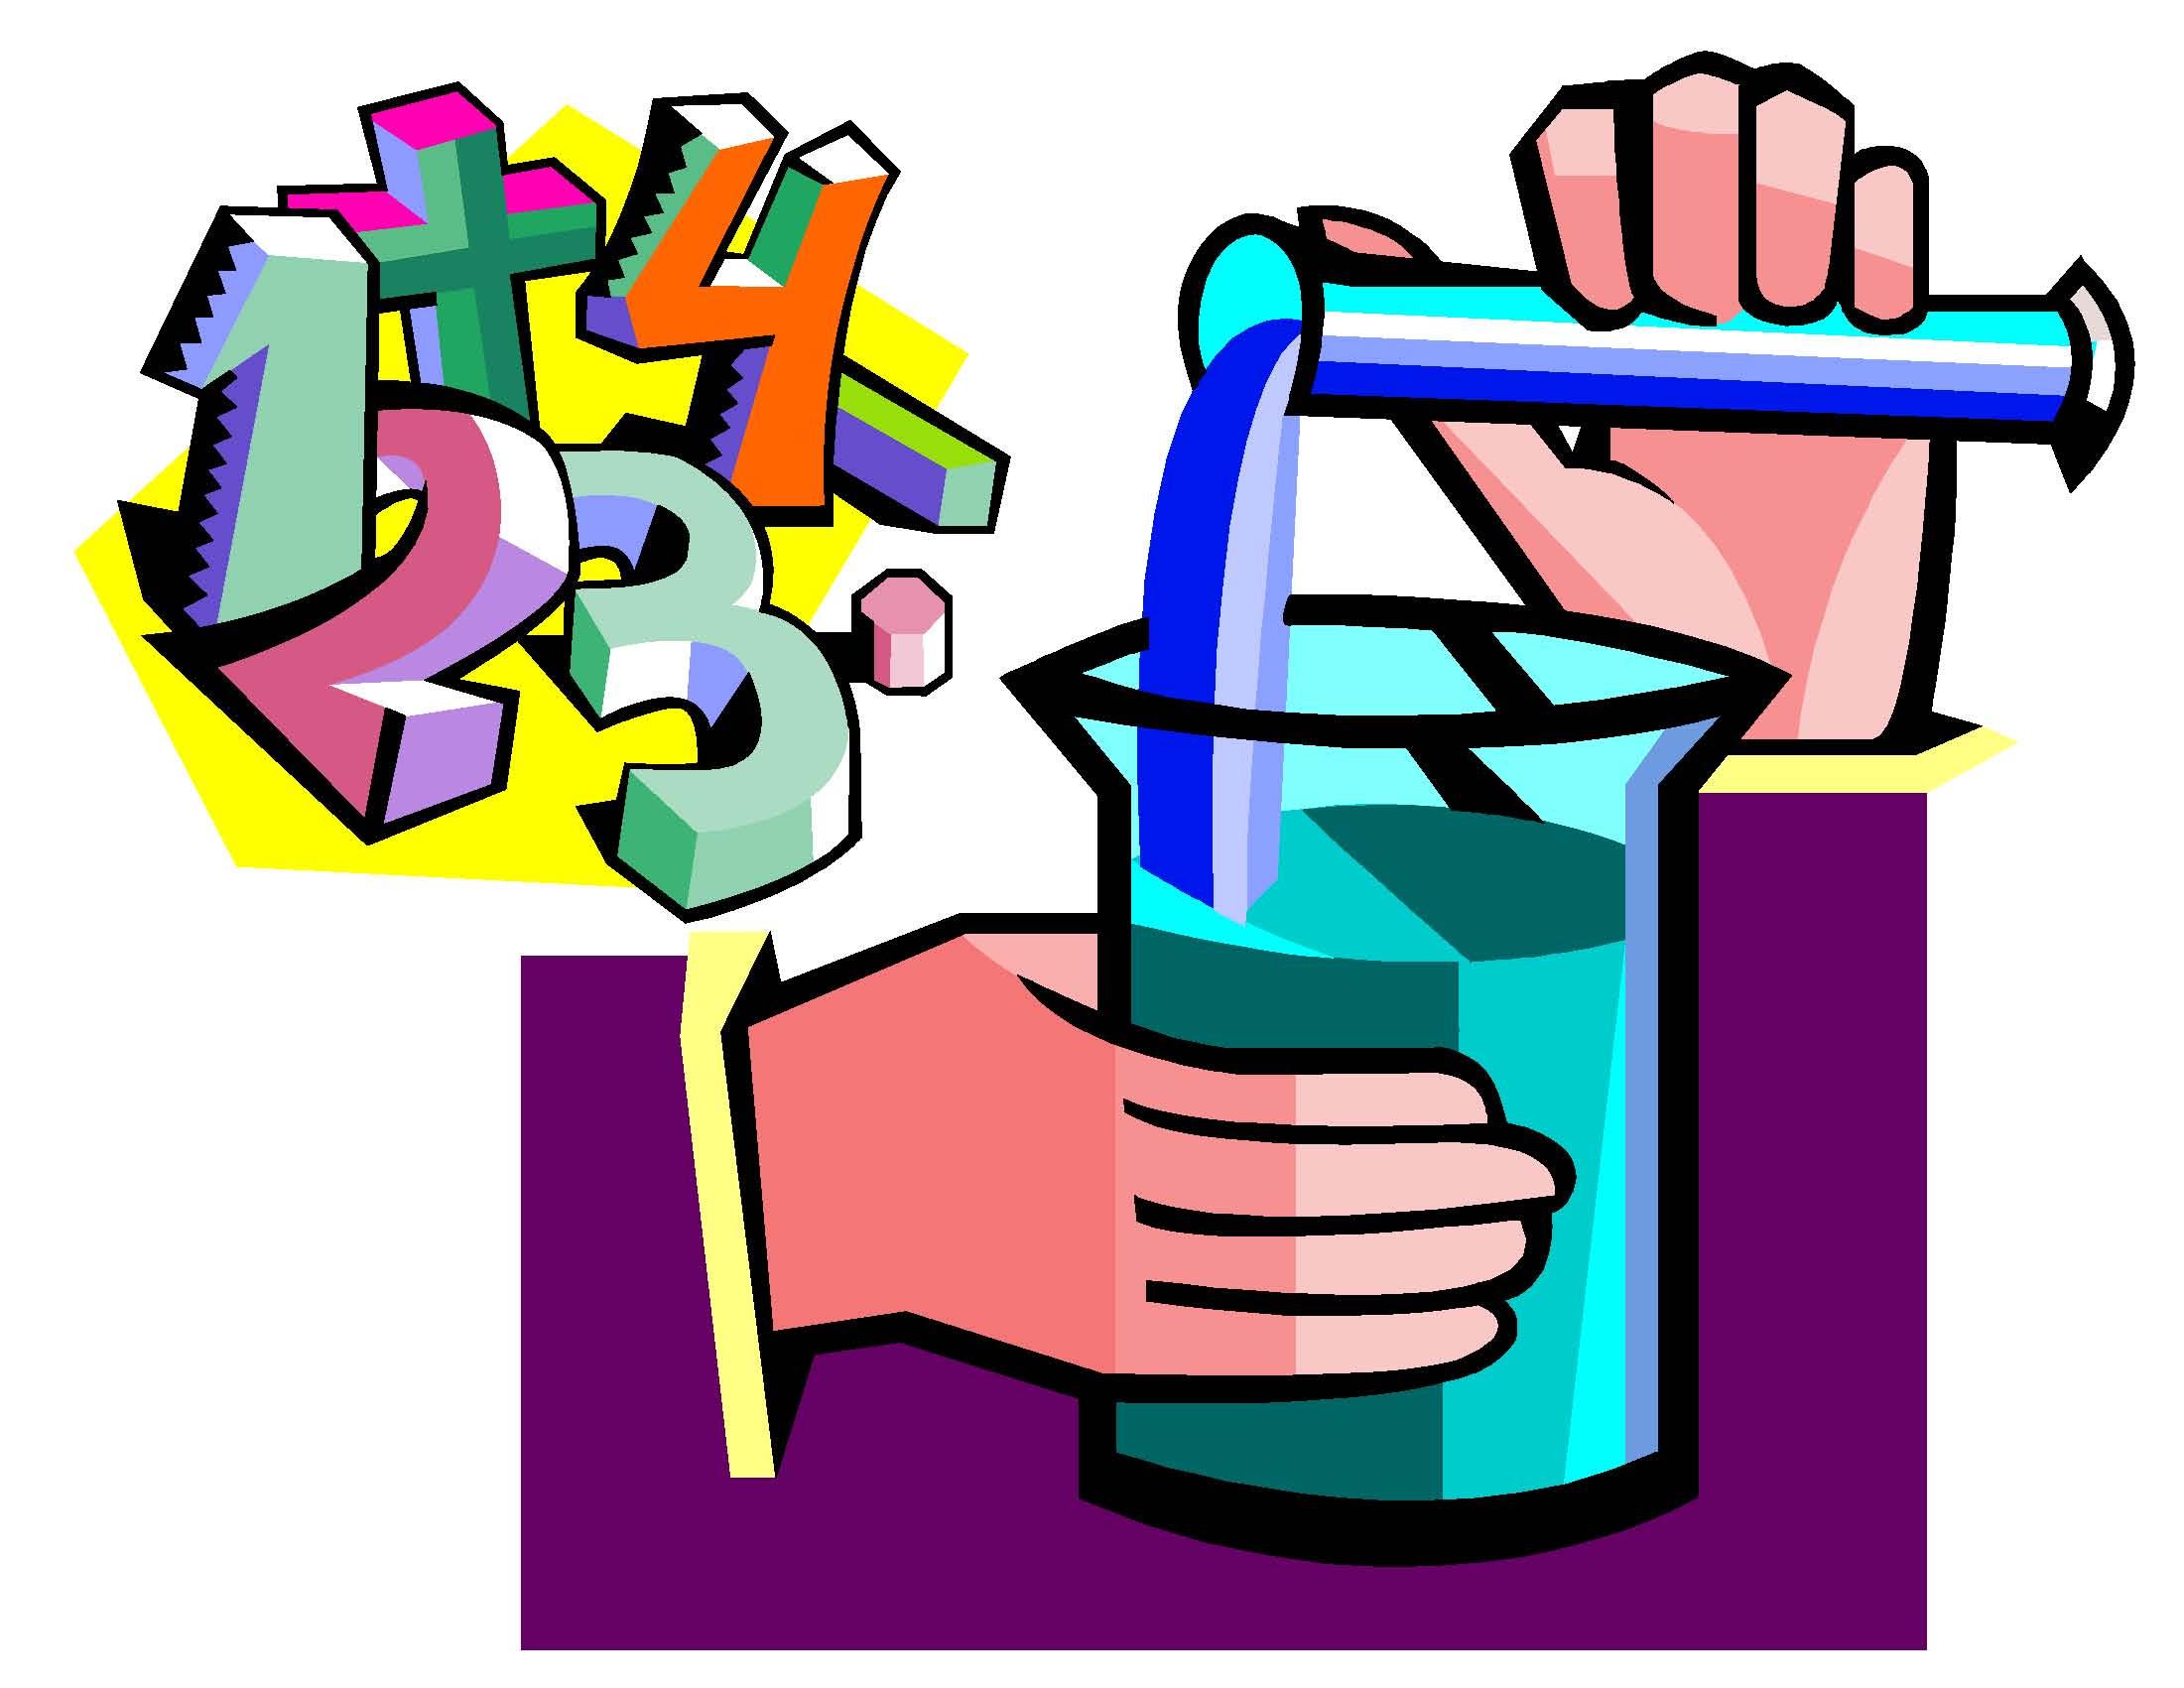 Clip Art For Math - ClipArt Best